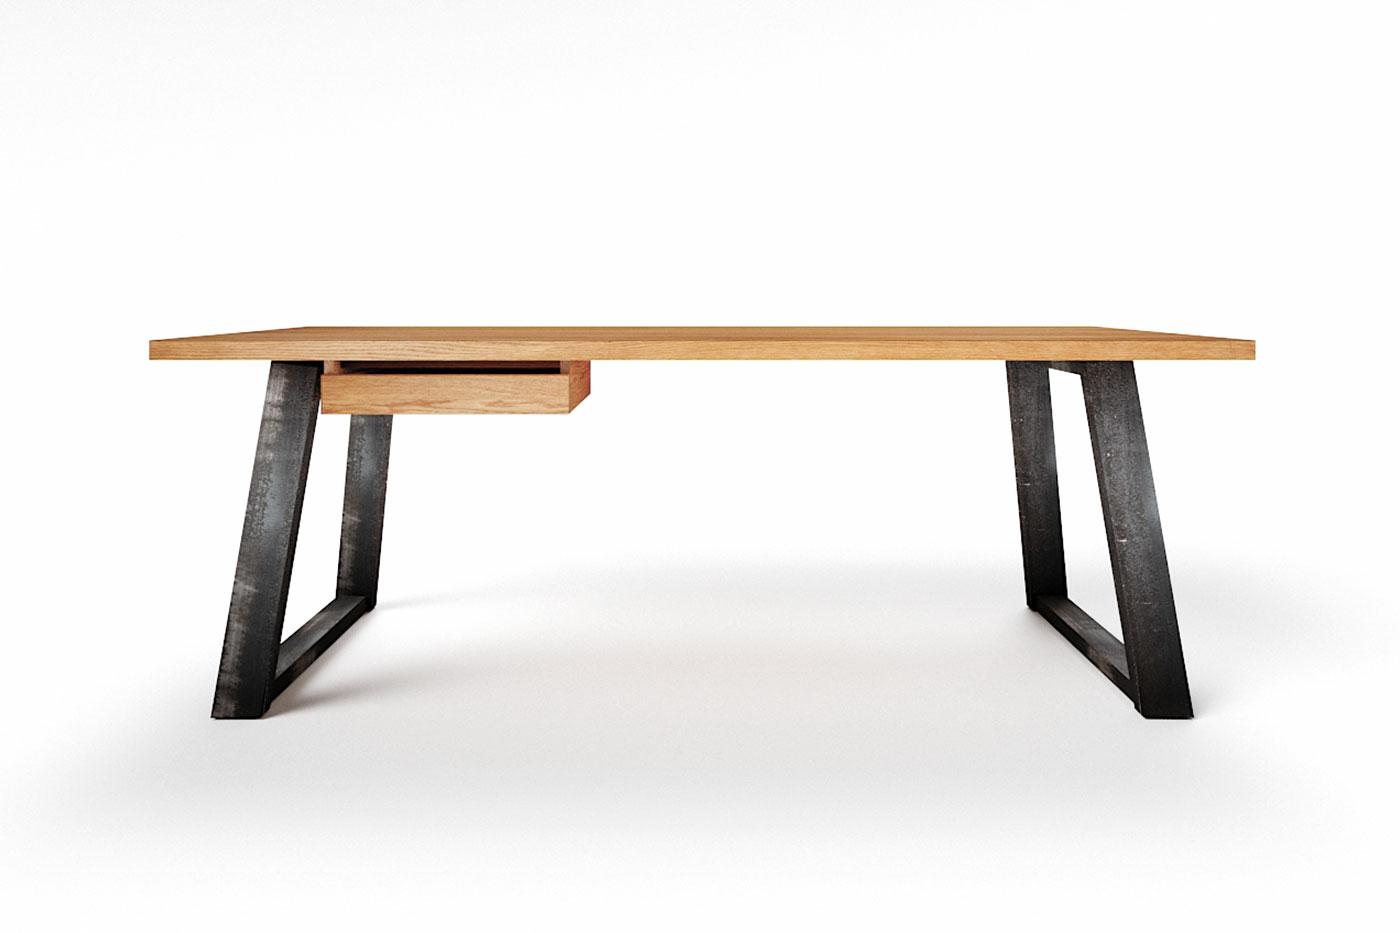 Schreibtisch Eiche mit Tischkufen aus Stahl Larvik astfrei